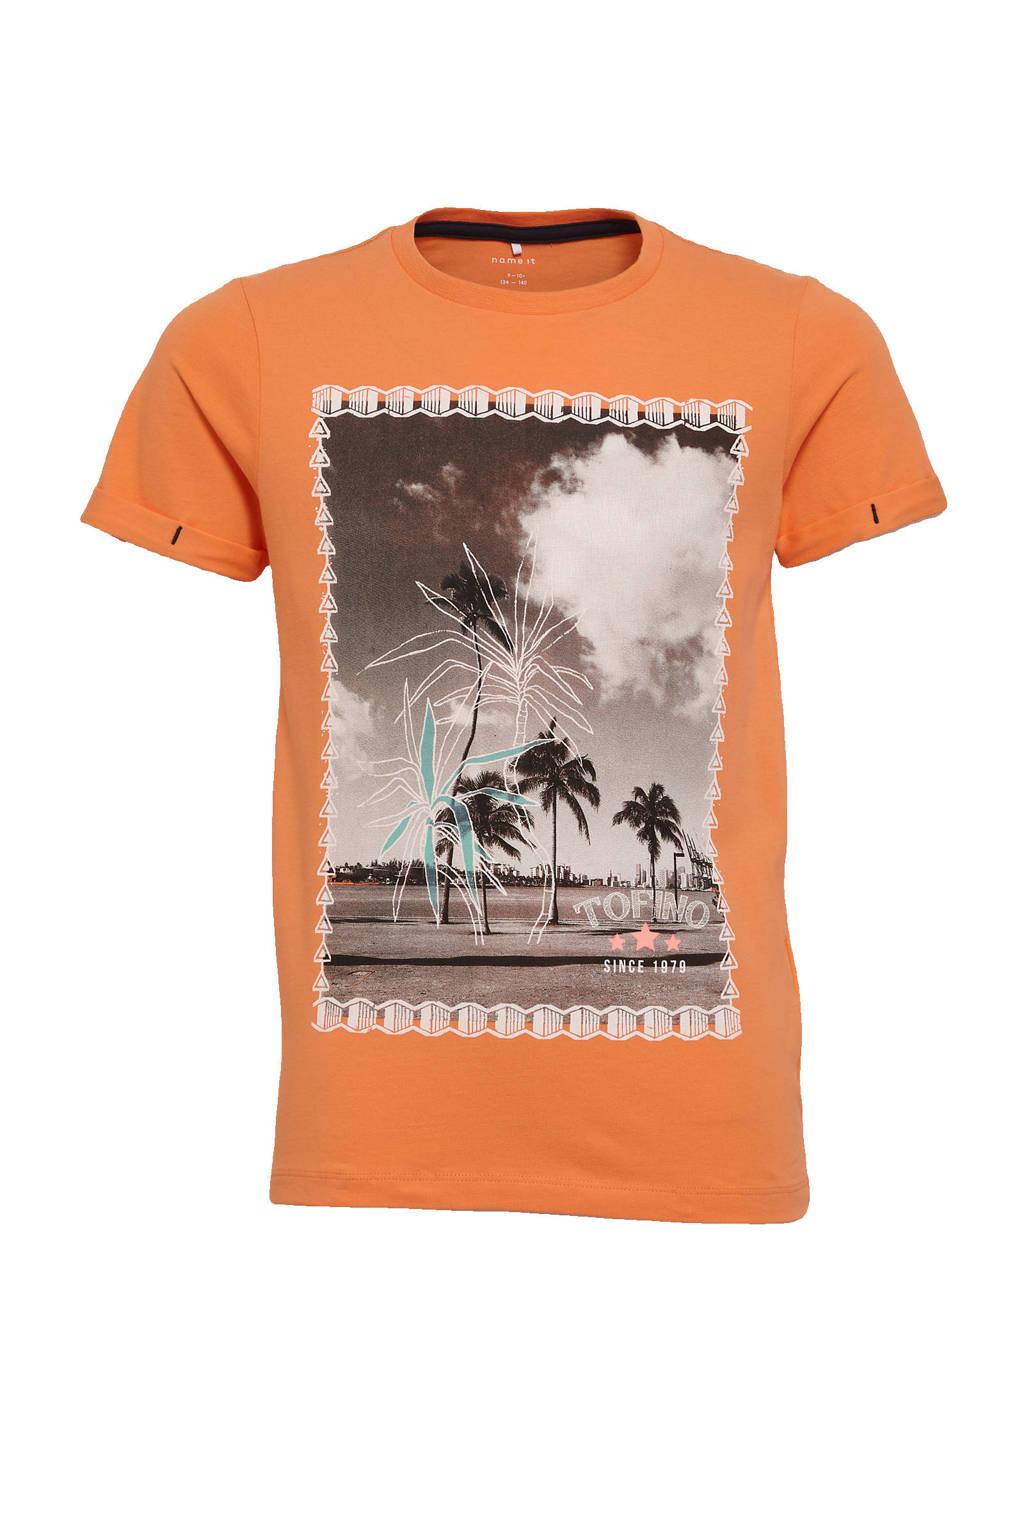 NAME IT KIDS T-shirt Zoccando met biologisch katoen oranje, Oranje